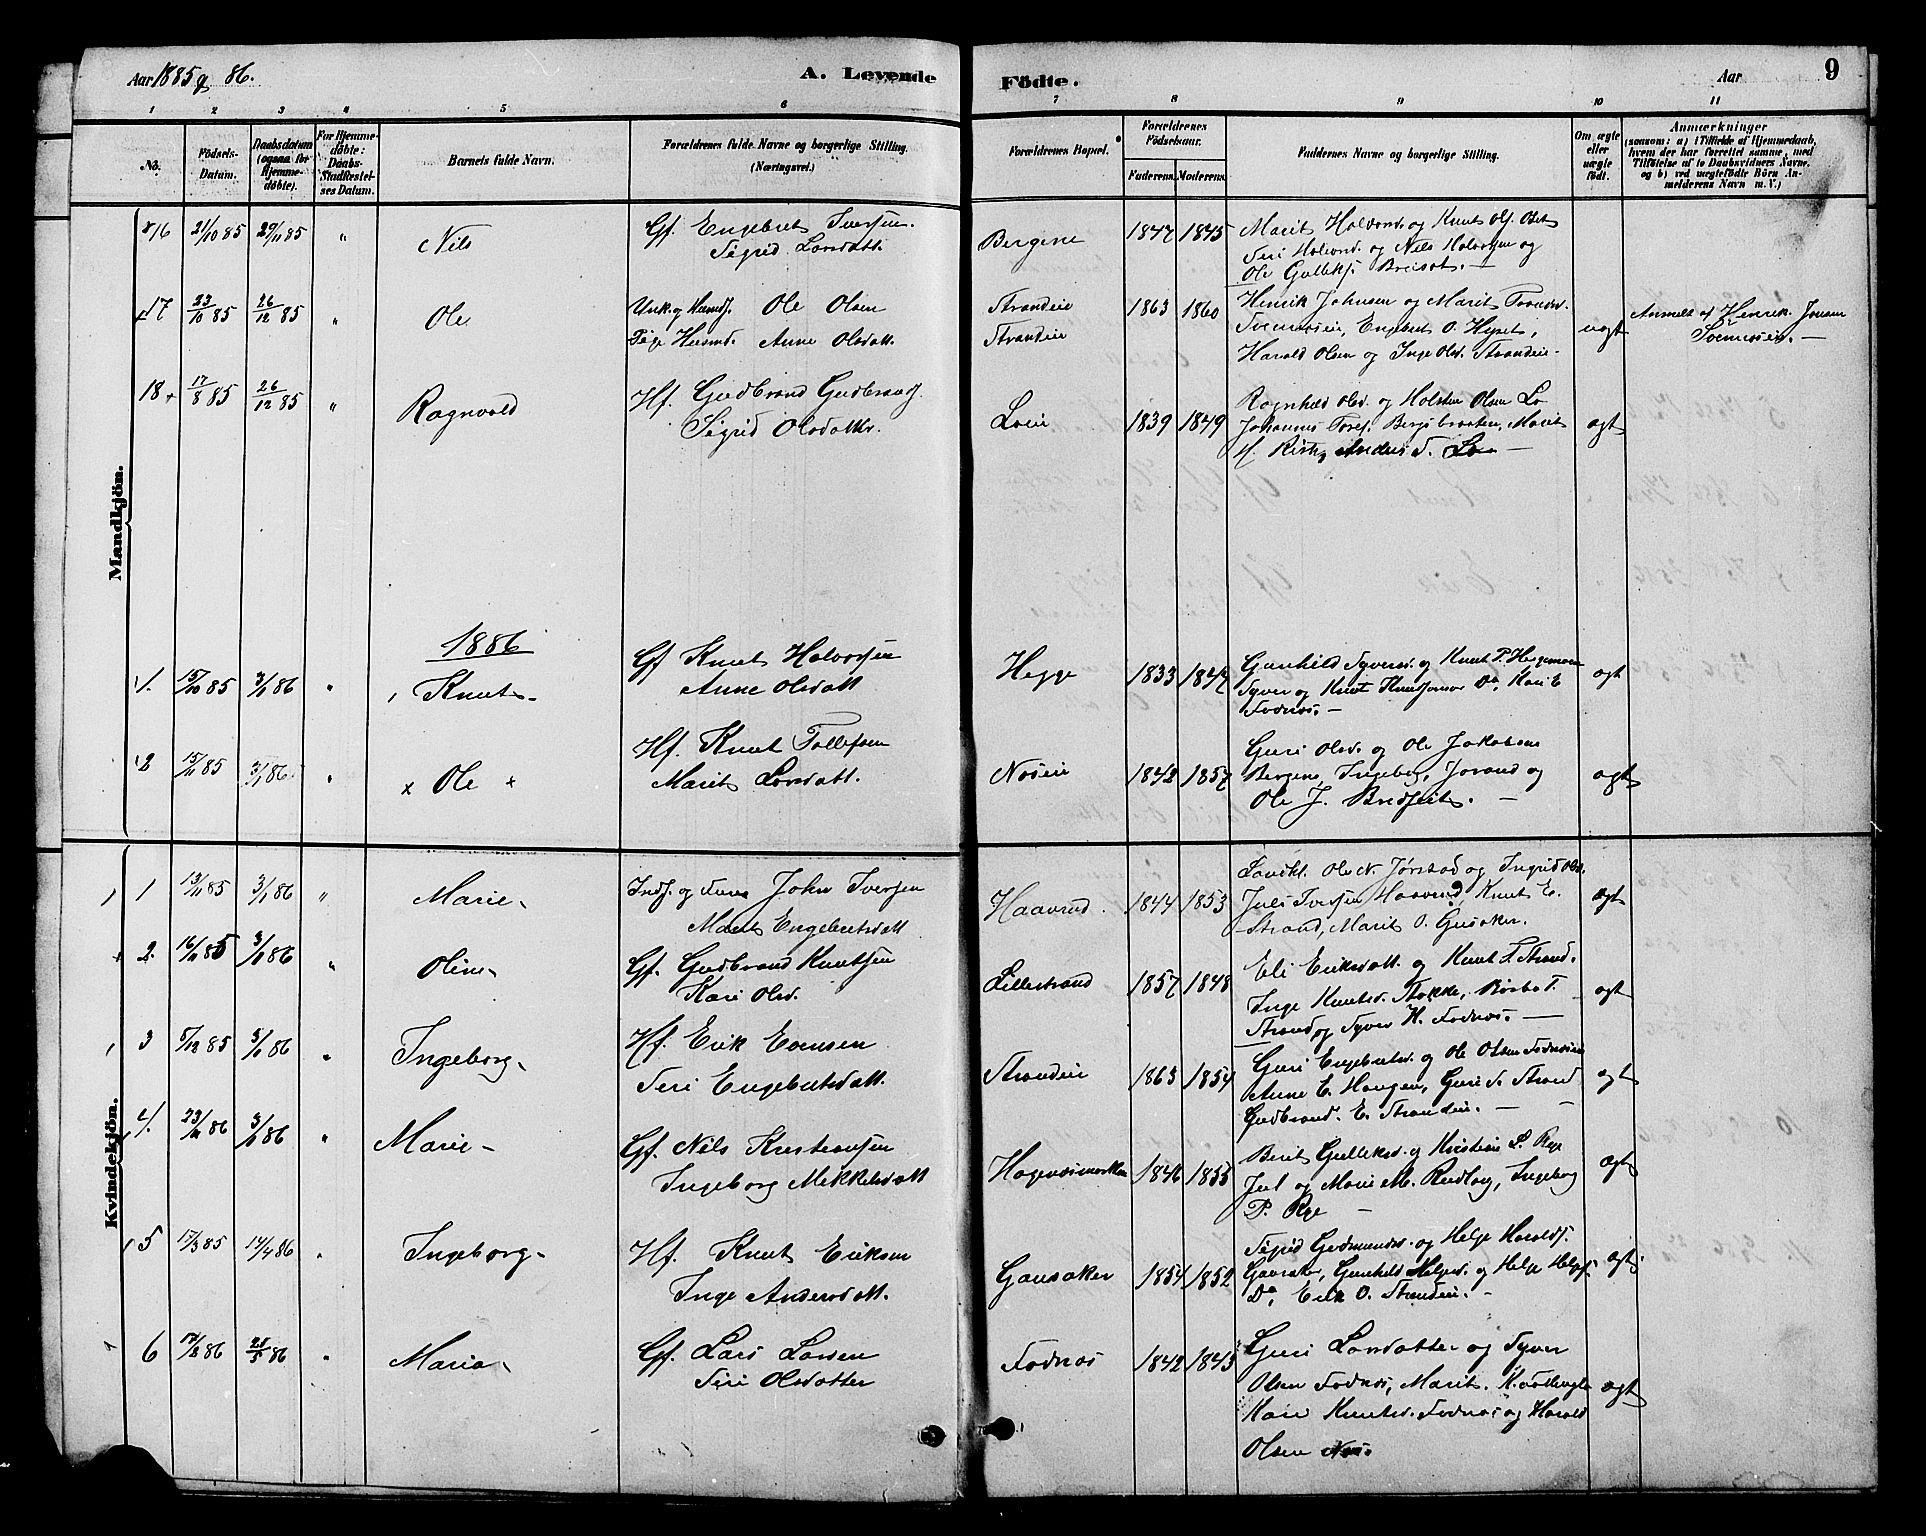 SAH, Nord-Aurdal prestekontor, Klokkerbok nr. 7, 1883-1910, s. 9